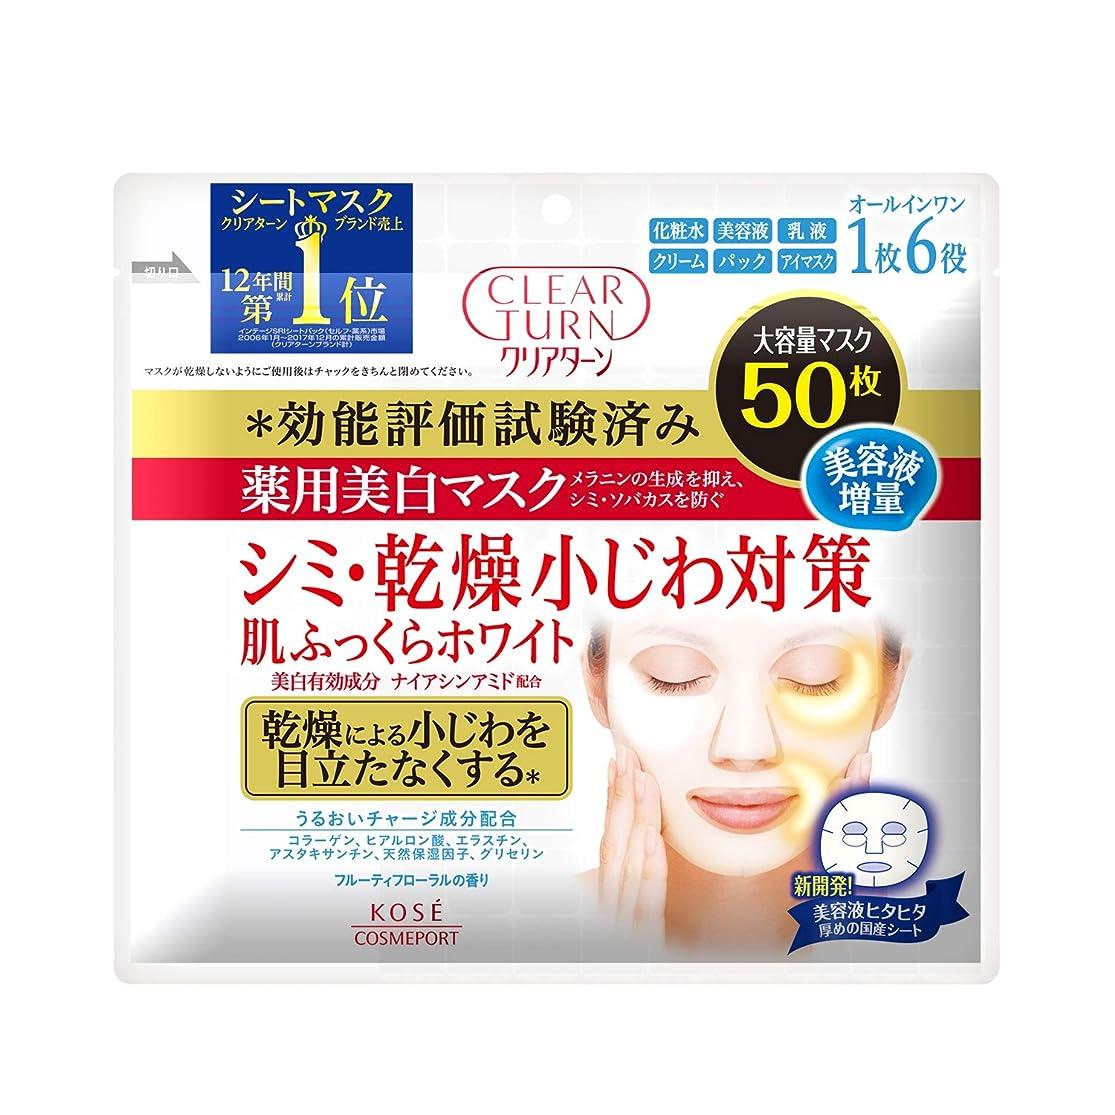 保証金背が高い番号KOSE コーセー クリアターン 薬用美白 肌ホワイト マスク 50枚 フェイスマスク (医薬部外品)